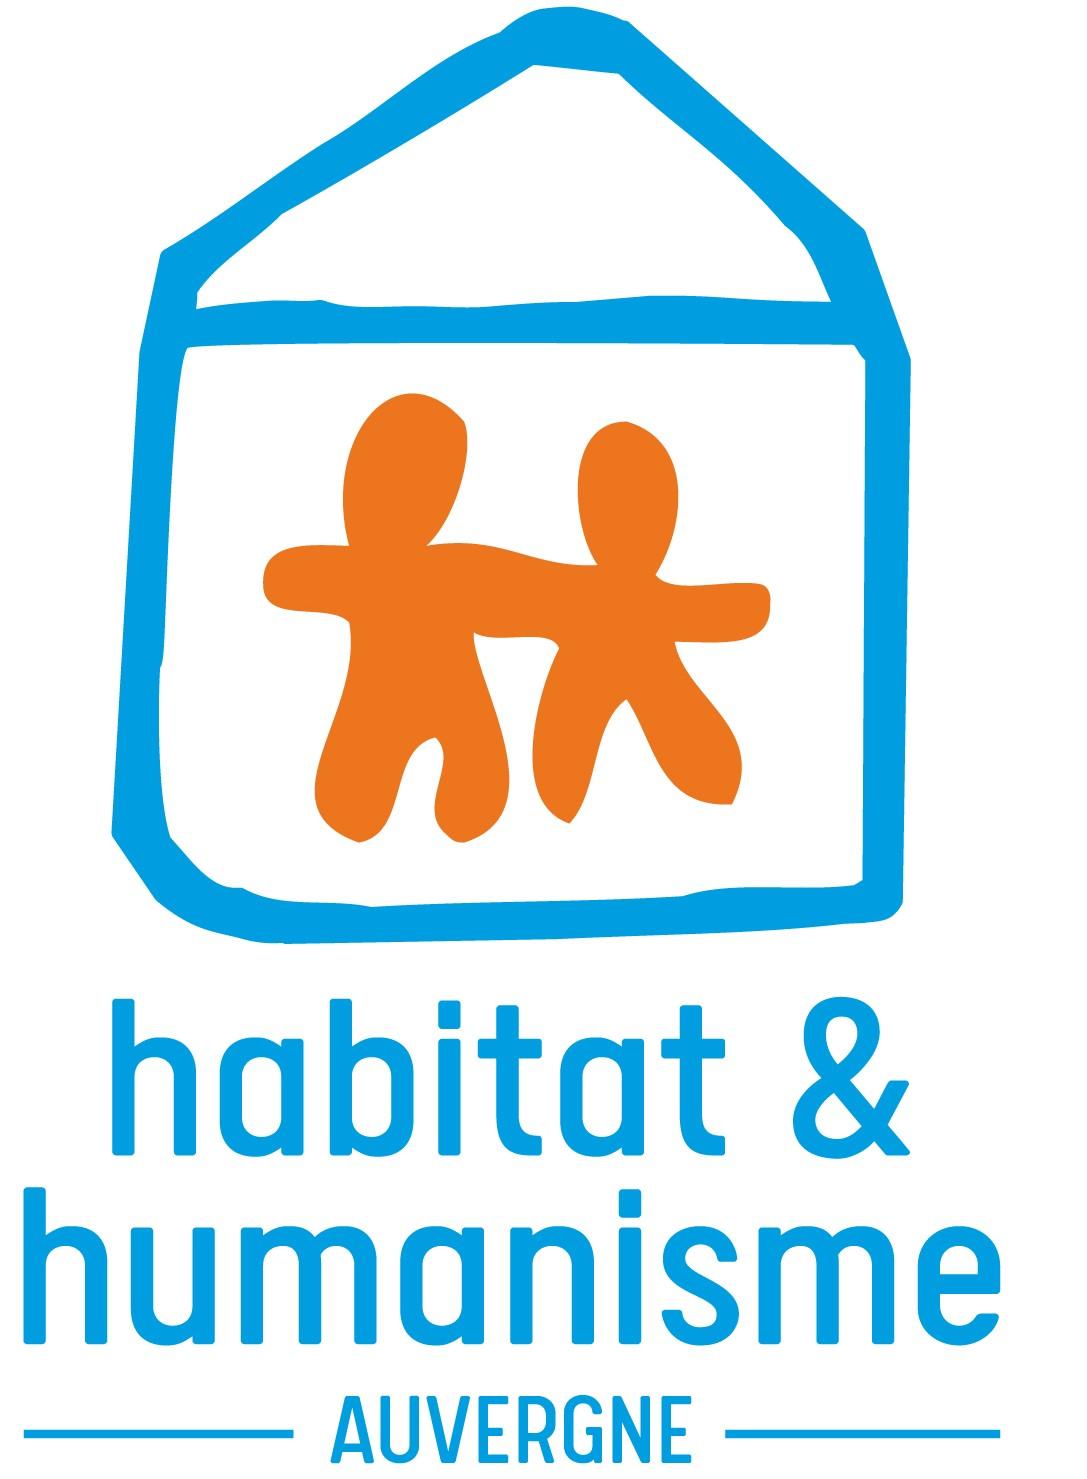 HABITAT & HUMANISME AUVERGNE